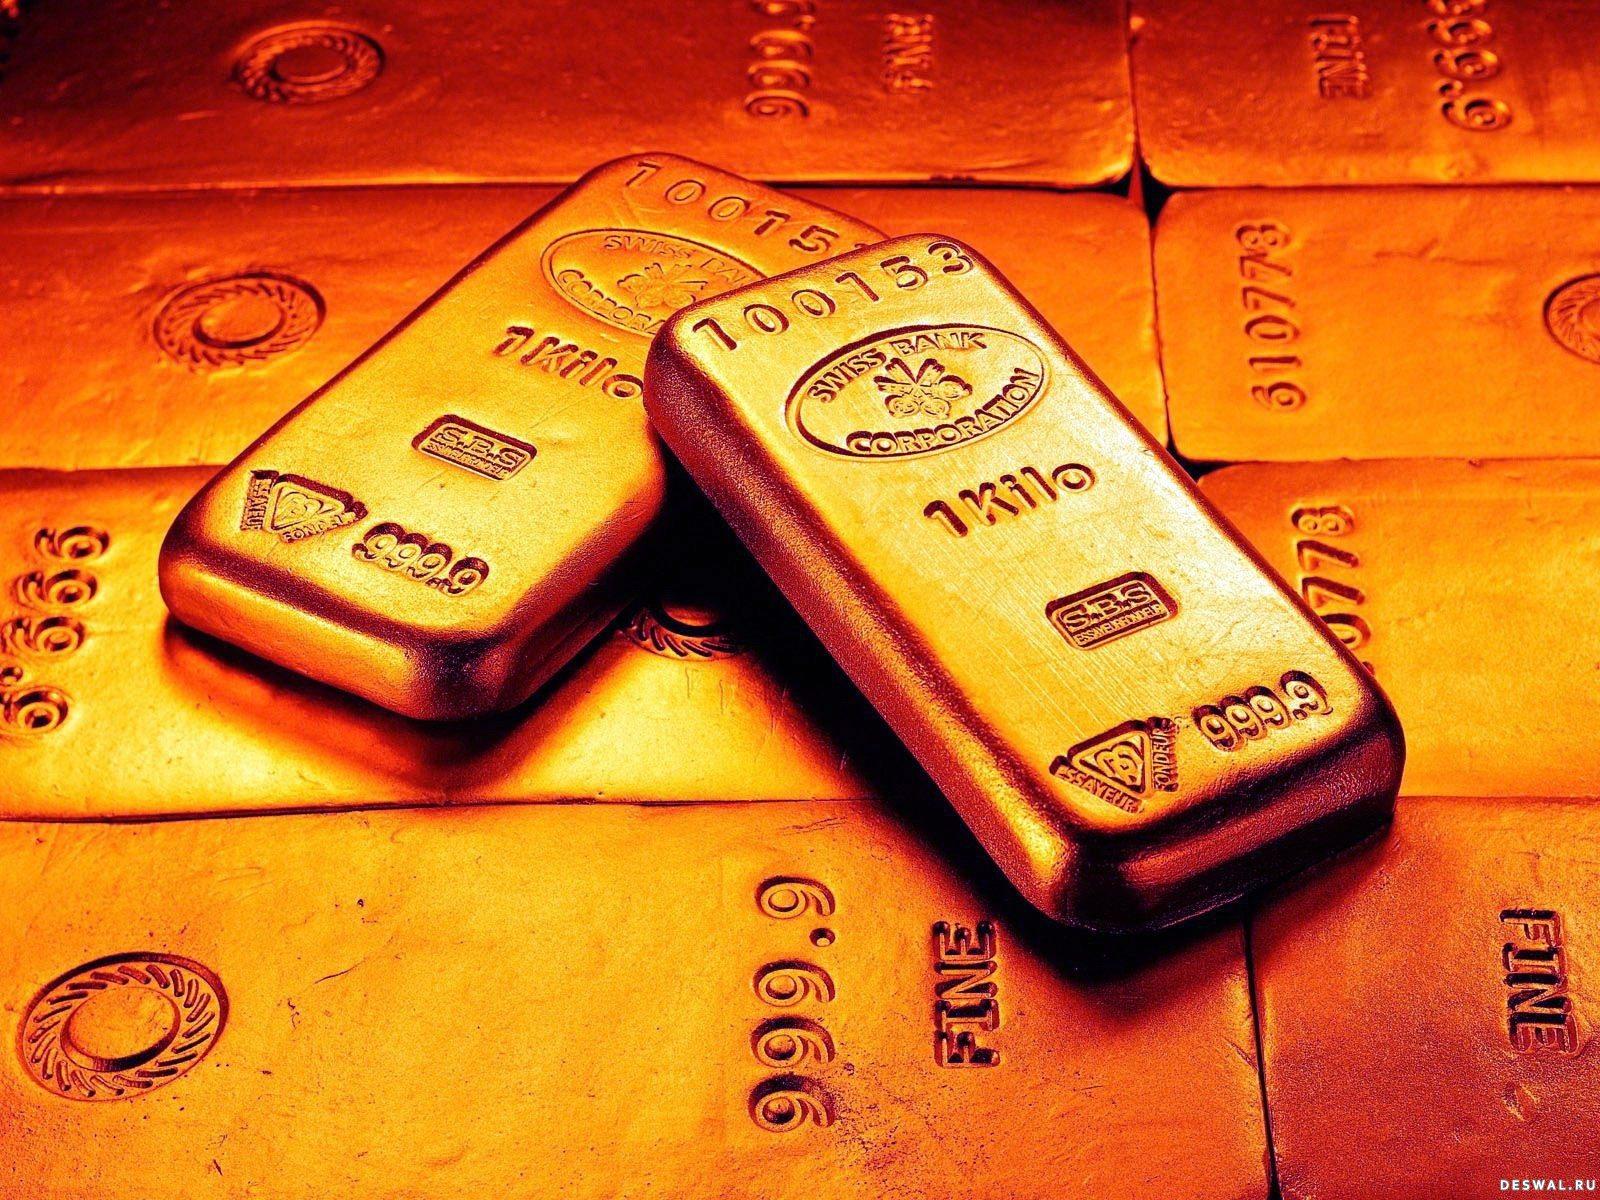 1 килограмм в золотых слитках